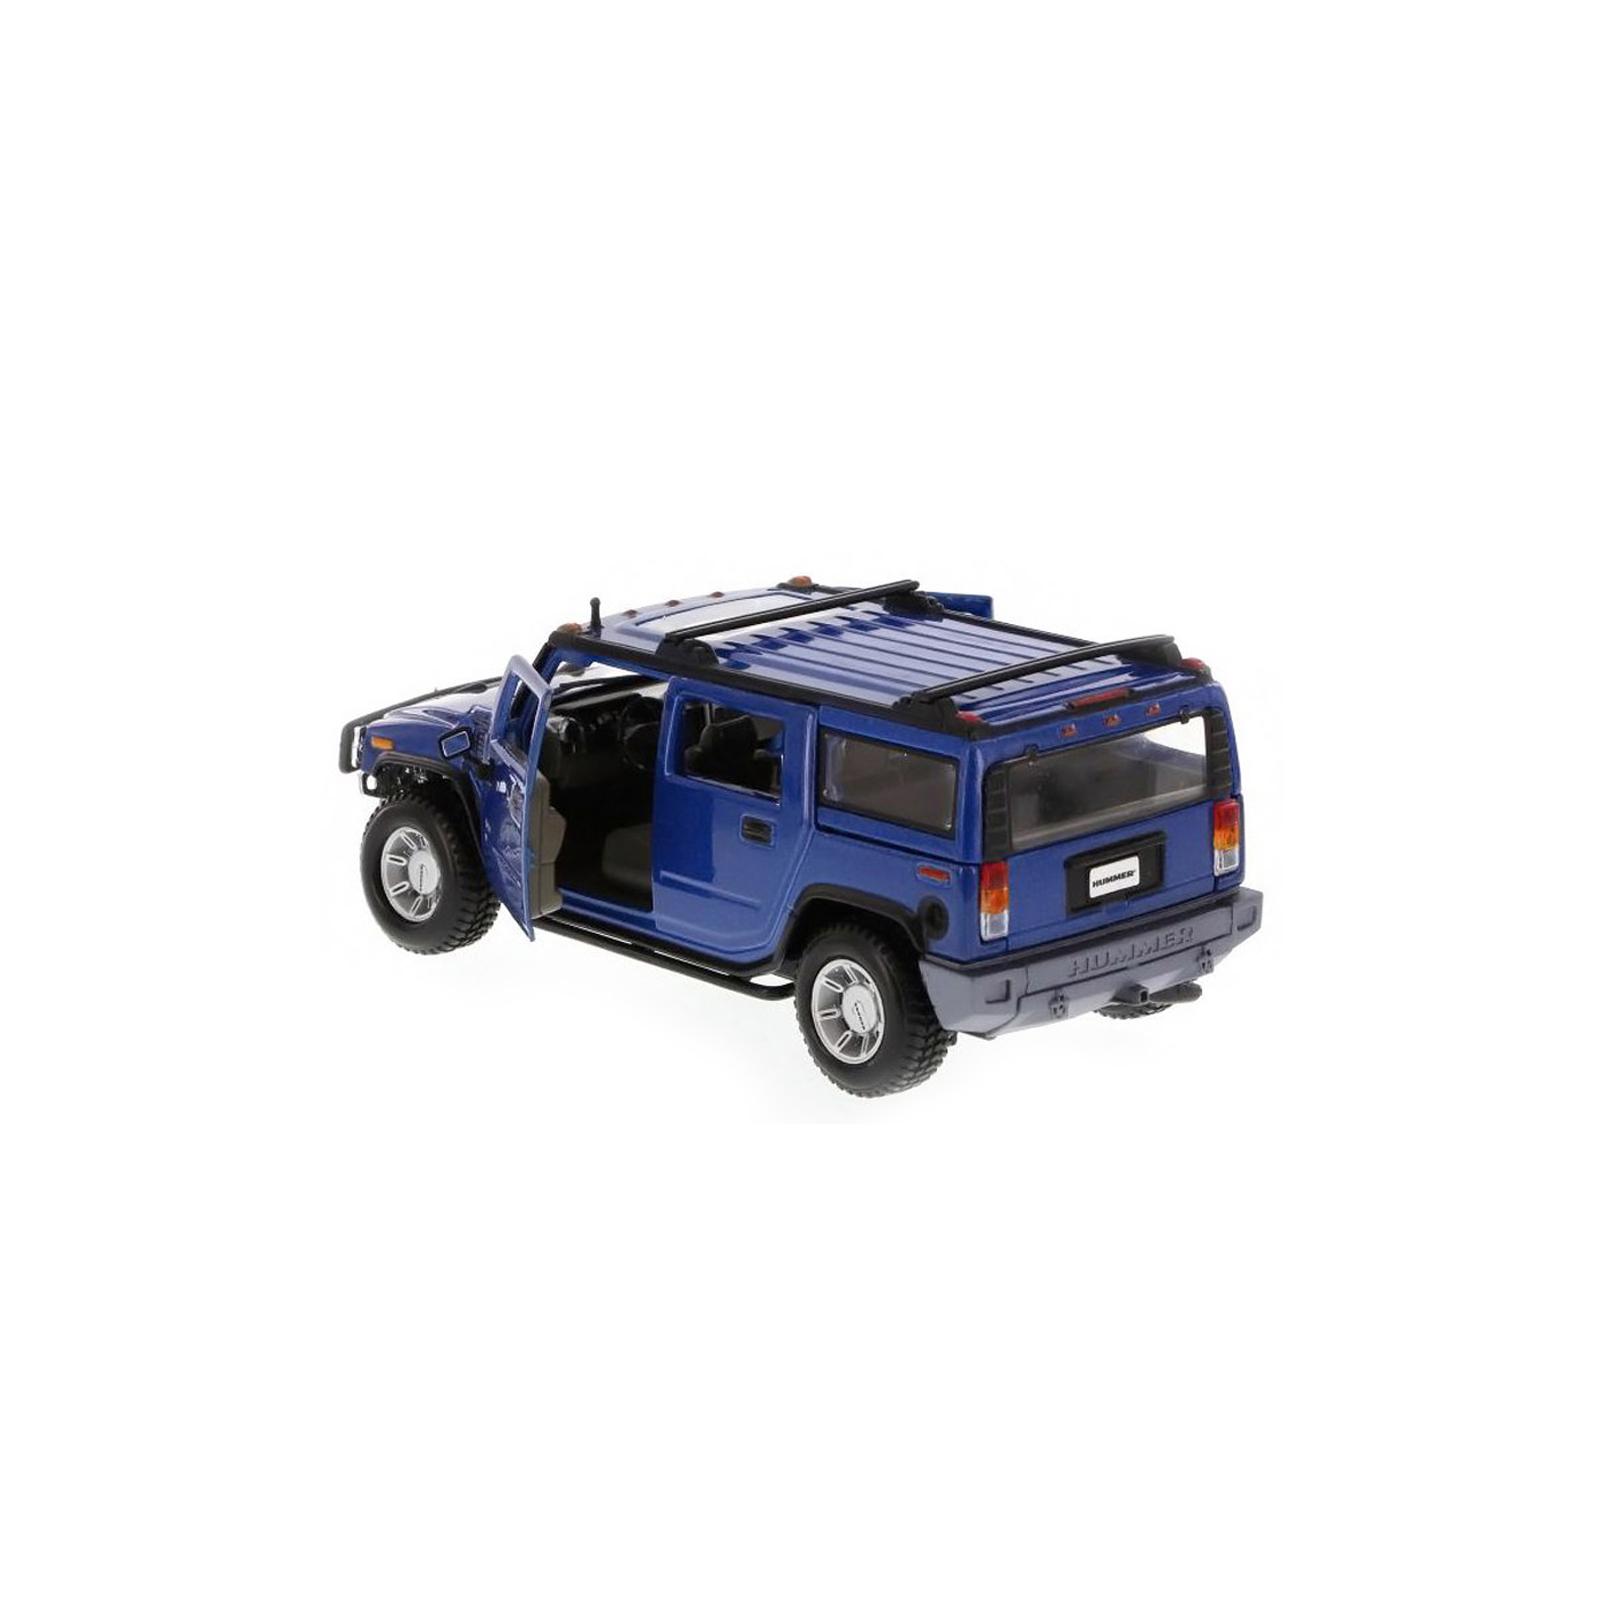 Машина Maisto Hummer H2 SUV 2003 (1:27) синий (31231 blue) изображение 3